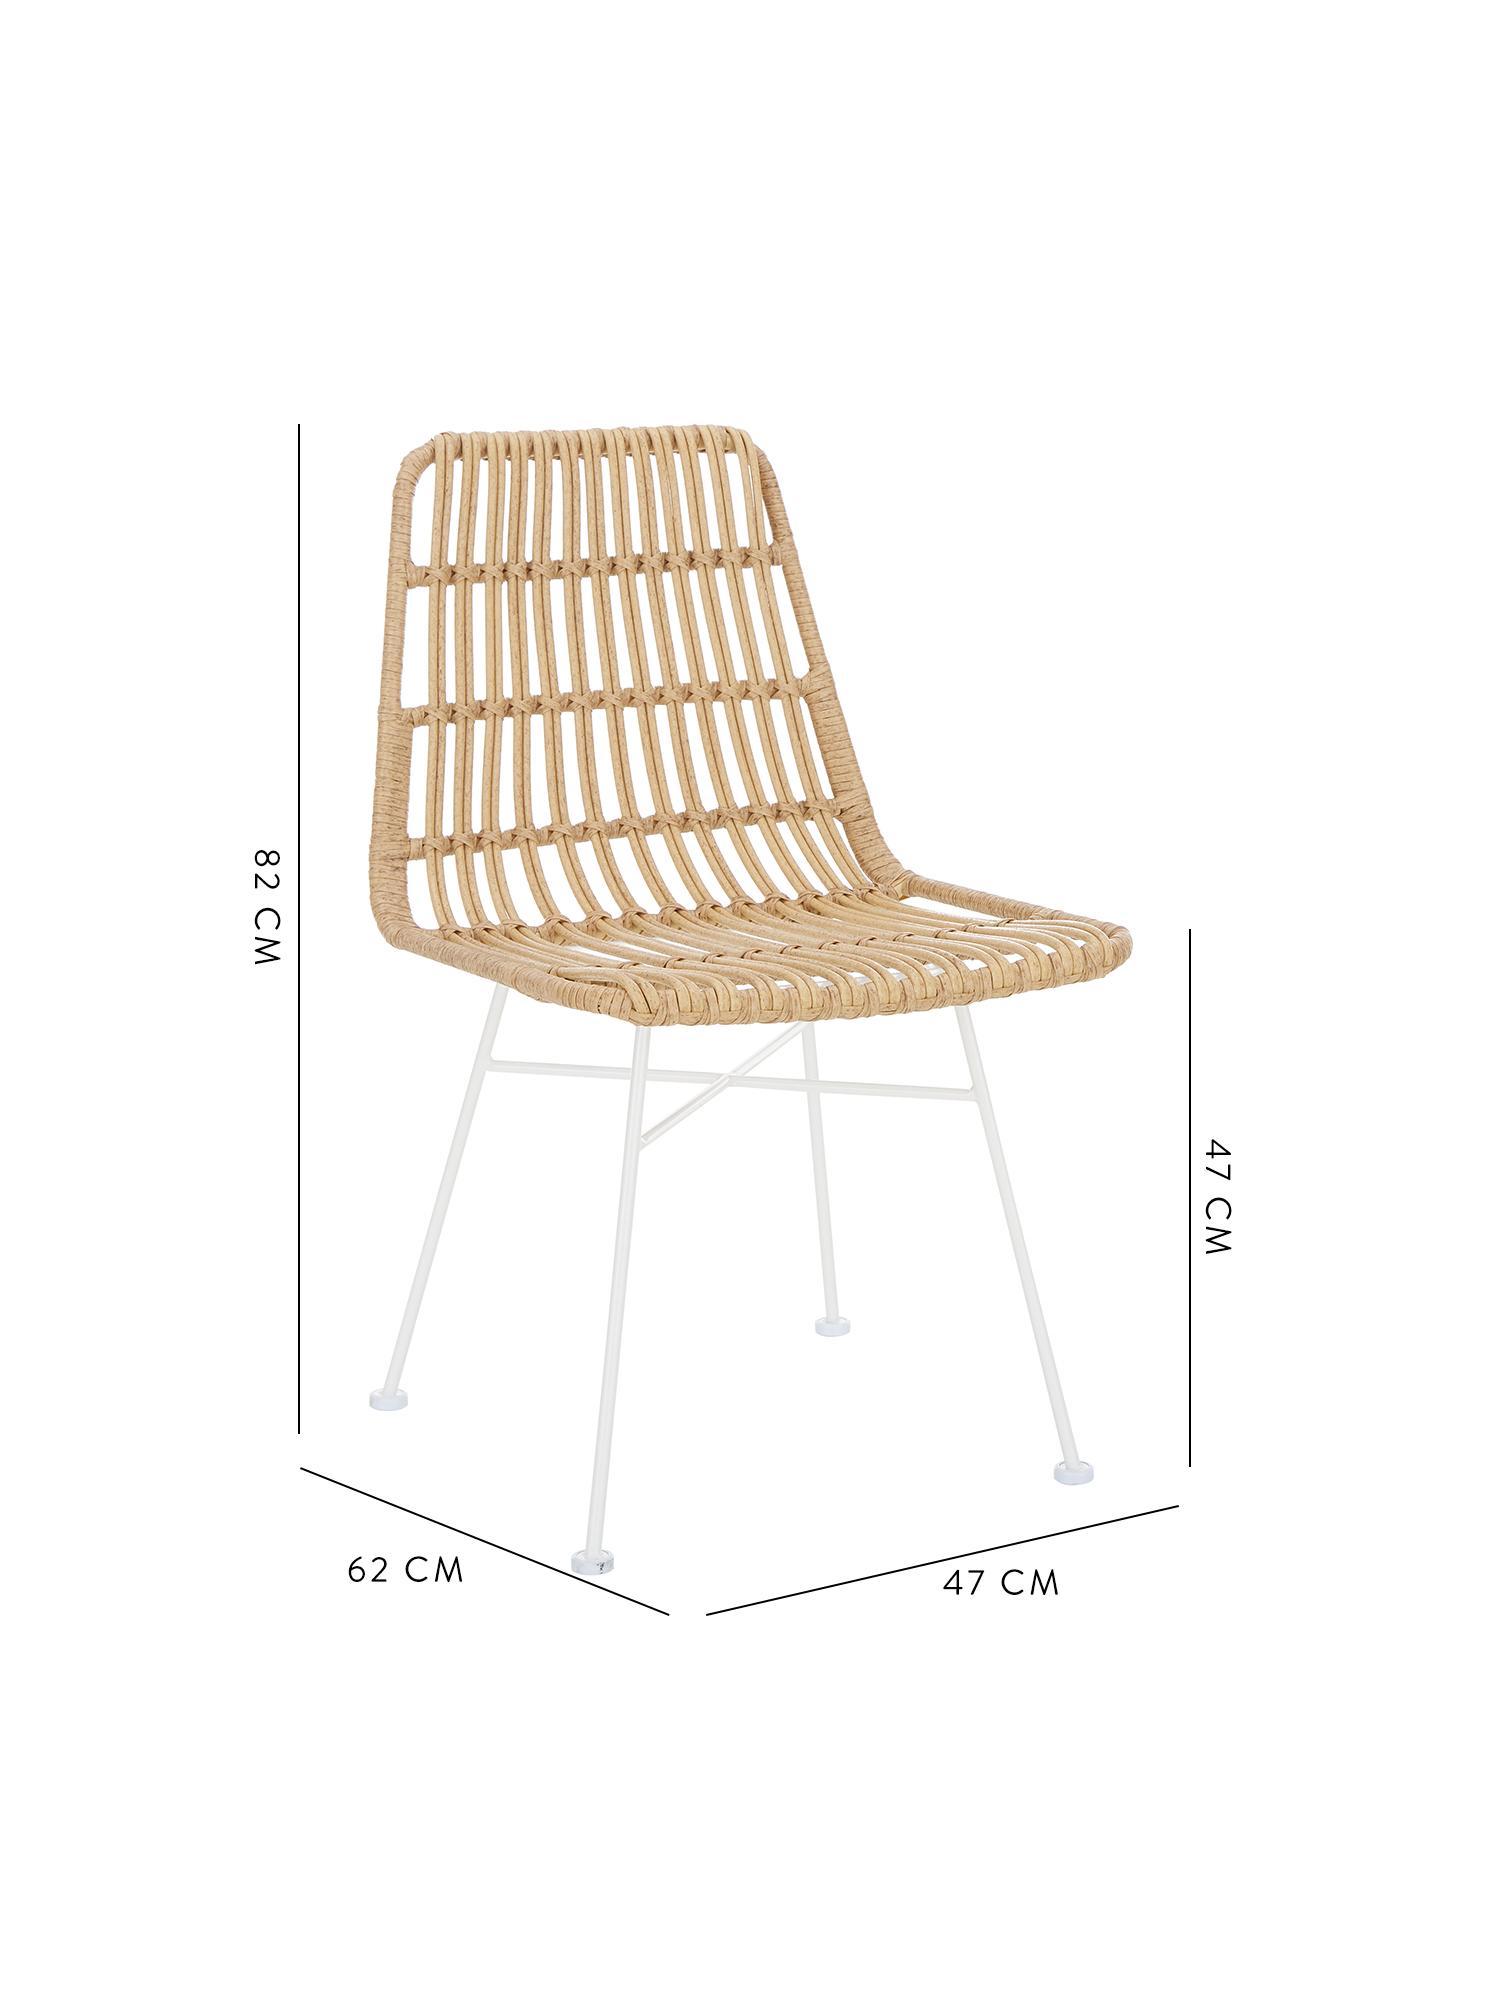 Polyrotan stoelen Costa, 2 stuks, Zitvlak: polyethyleen-vlechtwerk, Frame: gepoedercoat metaal, Zitvlak: lichtbruin, gevlekt. Frame: mat wit, B 47 x D 61 cm